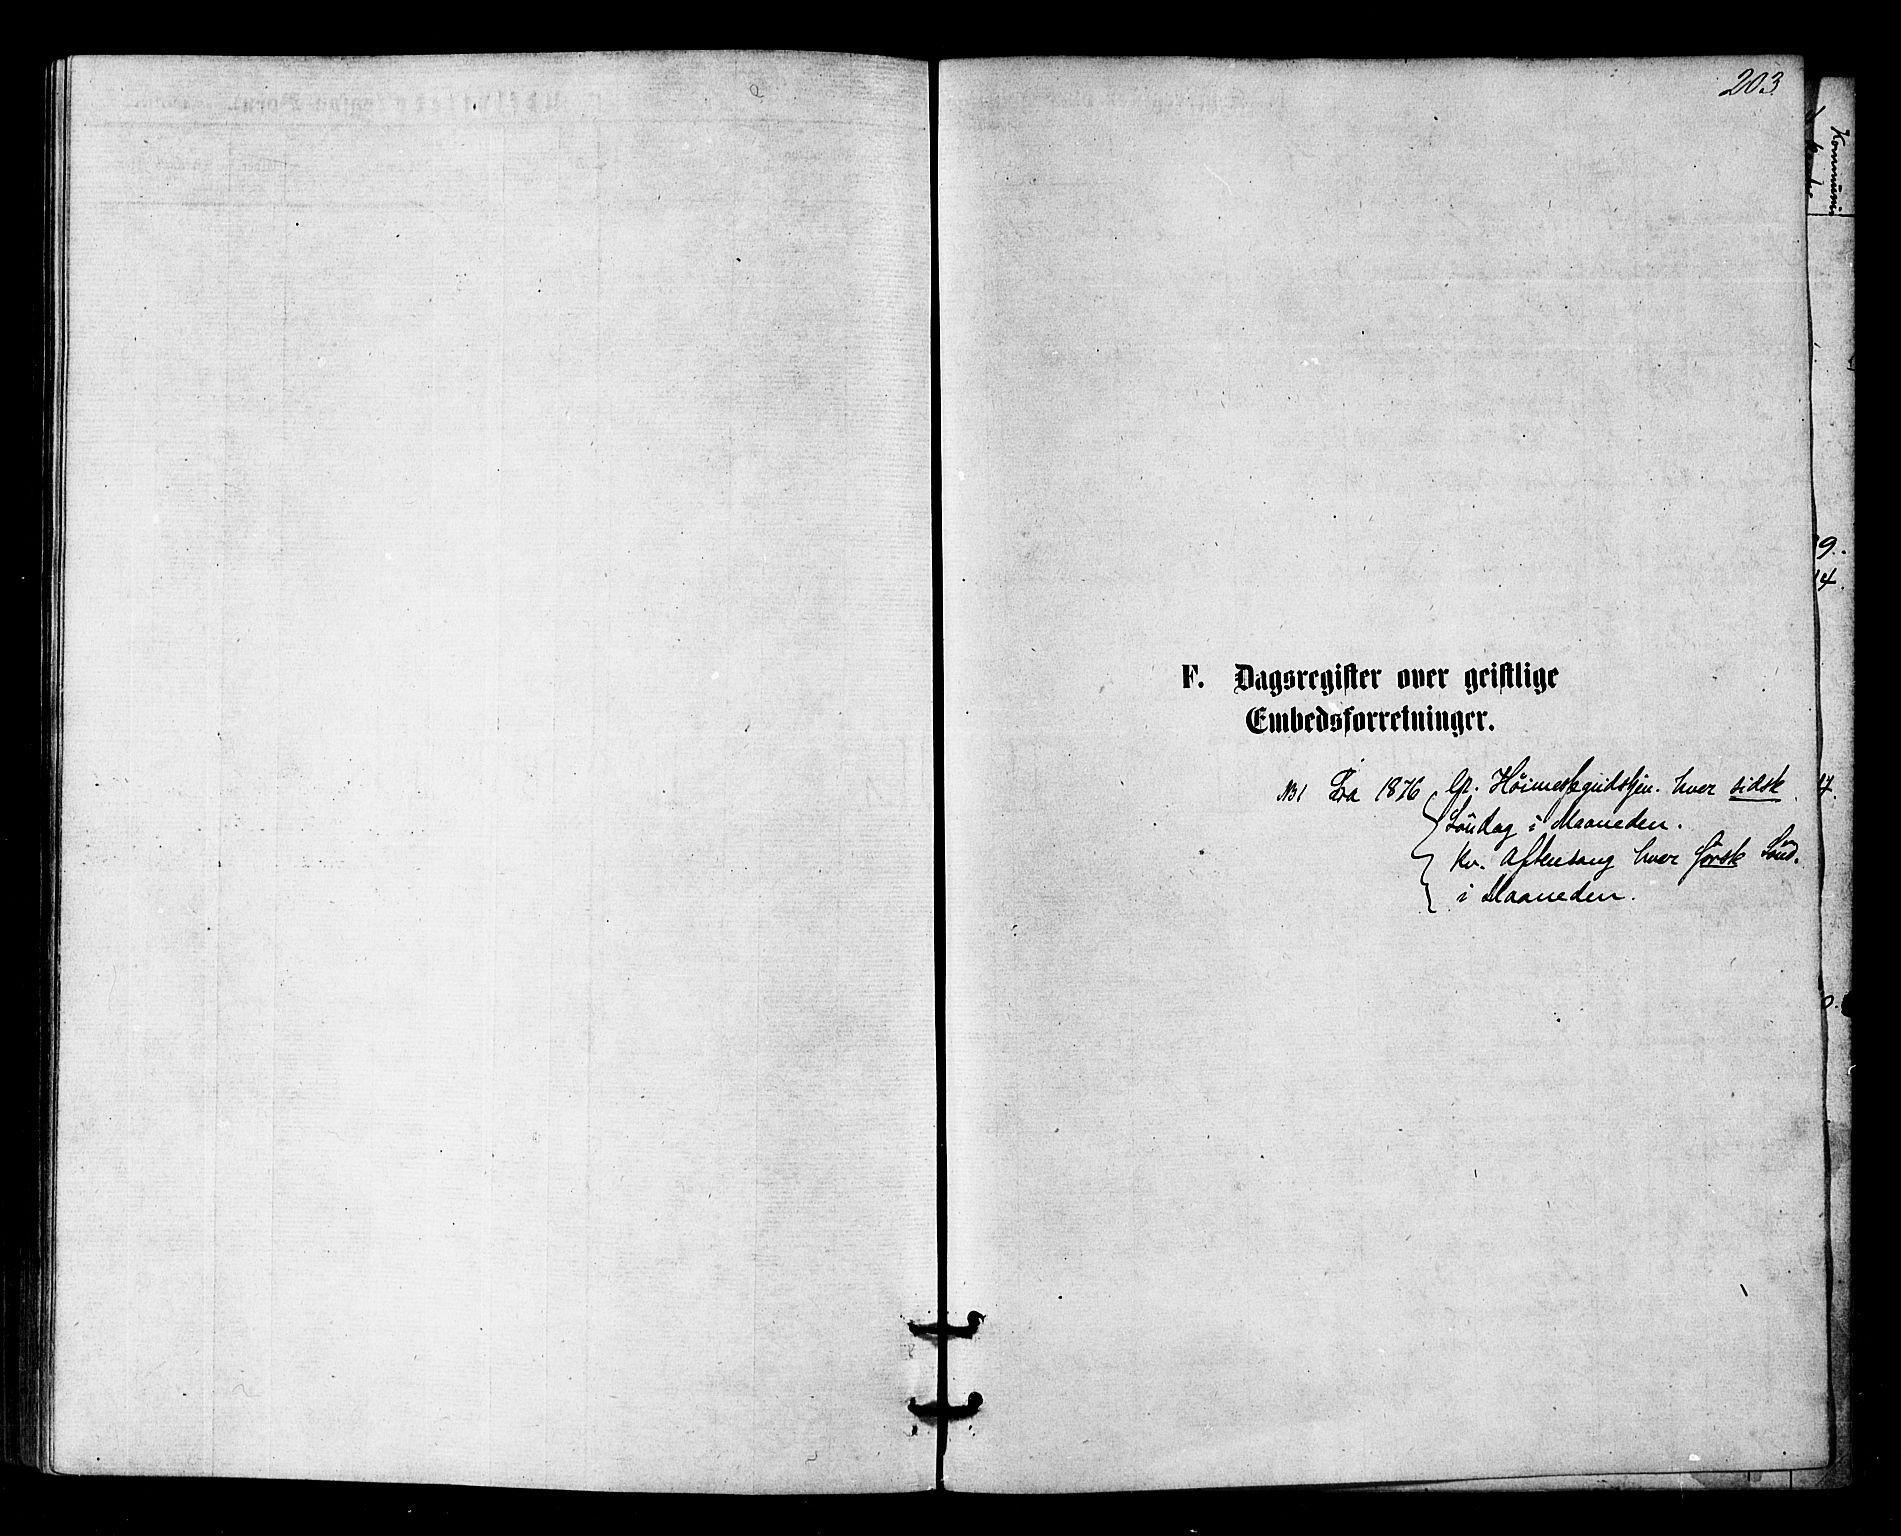 SATØ, Sør-Varanger sokneprestkontor, H/Ha/L0002kirke: Ministerialbok nr. 2, 1873-1877, s. 203